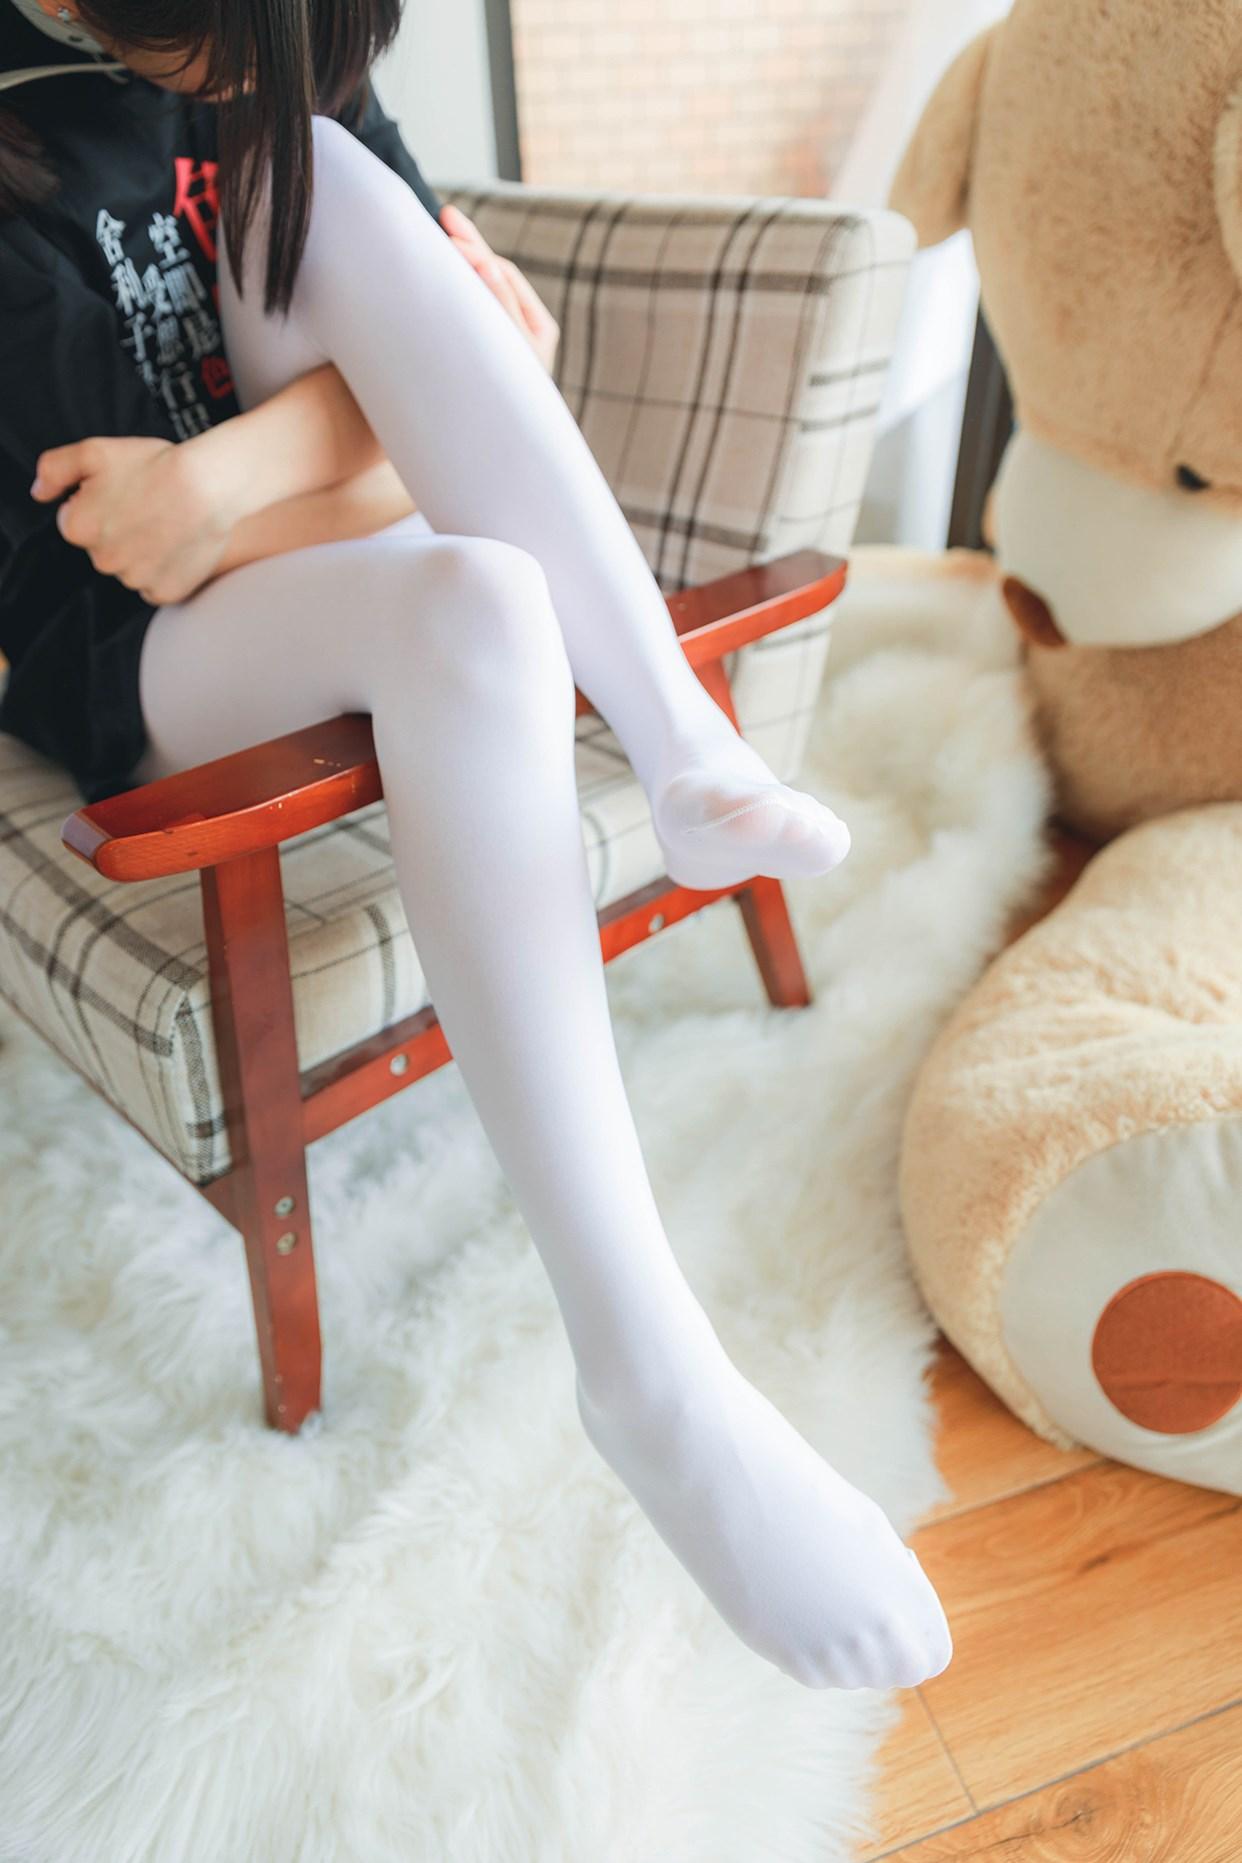 【兔玩映画】色即是空 · 白丝福利 兔玩映画 第3张